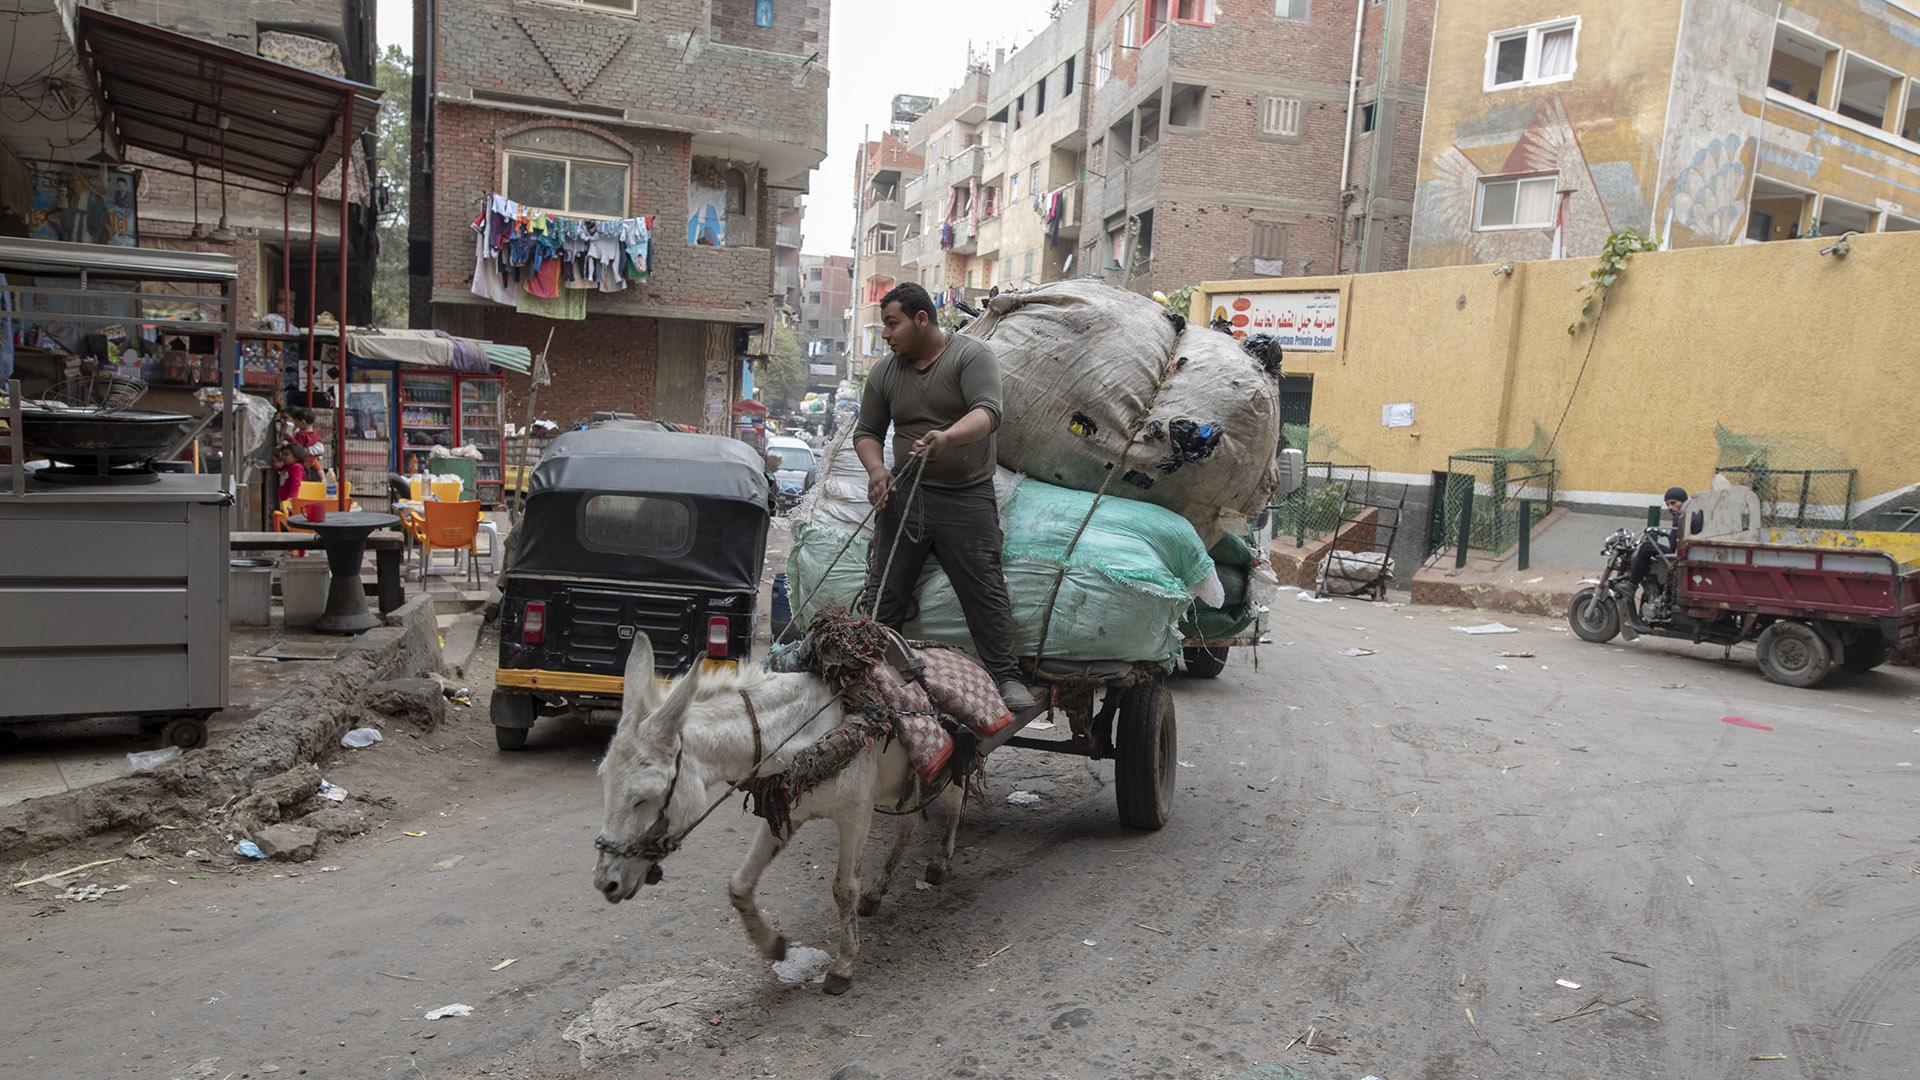 20190111 Cairo 553